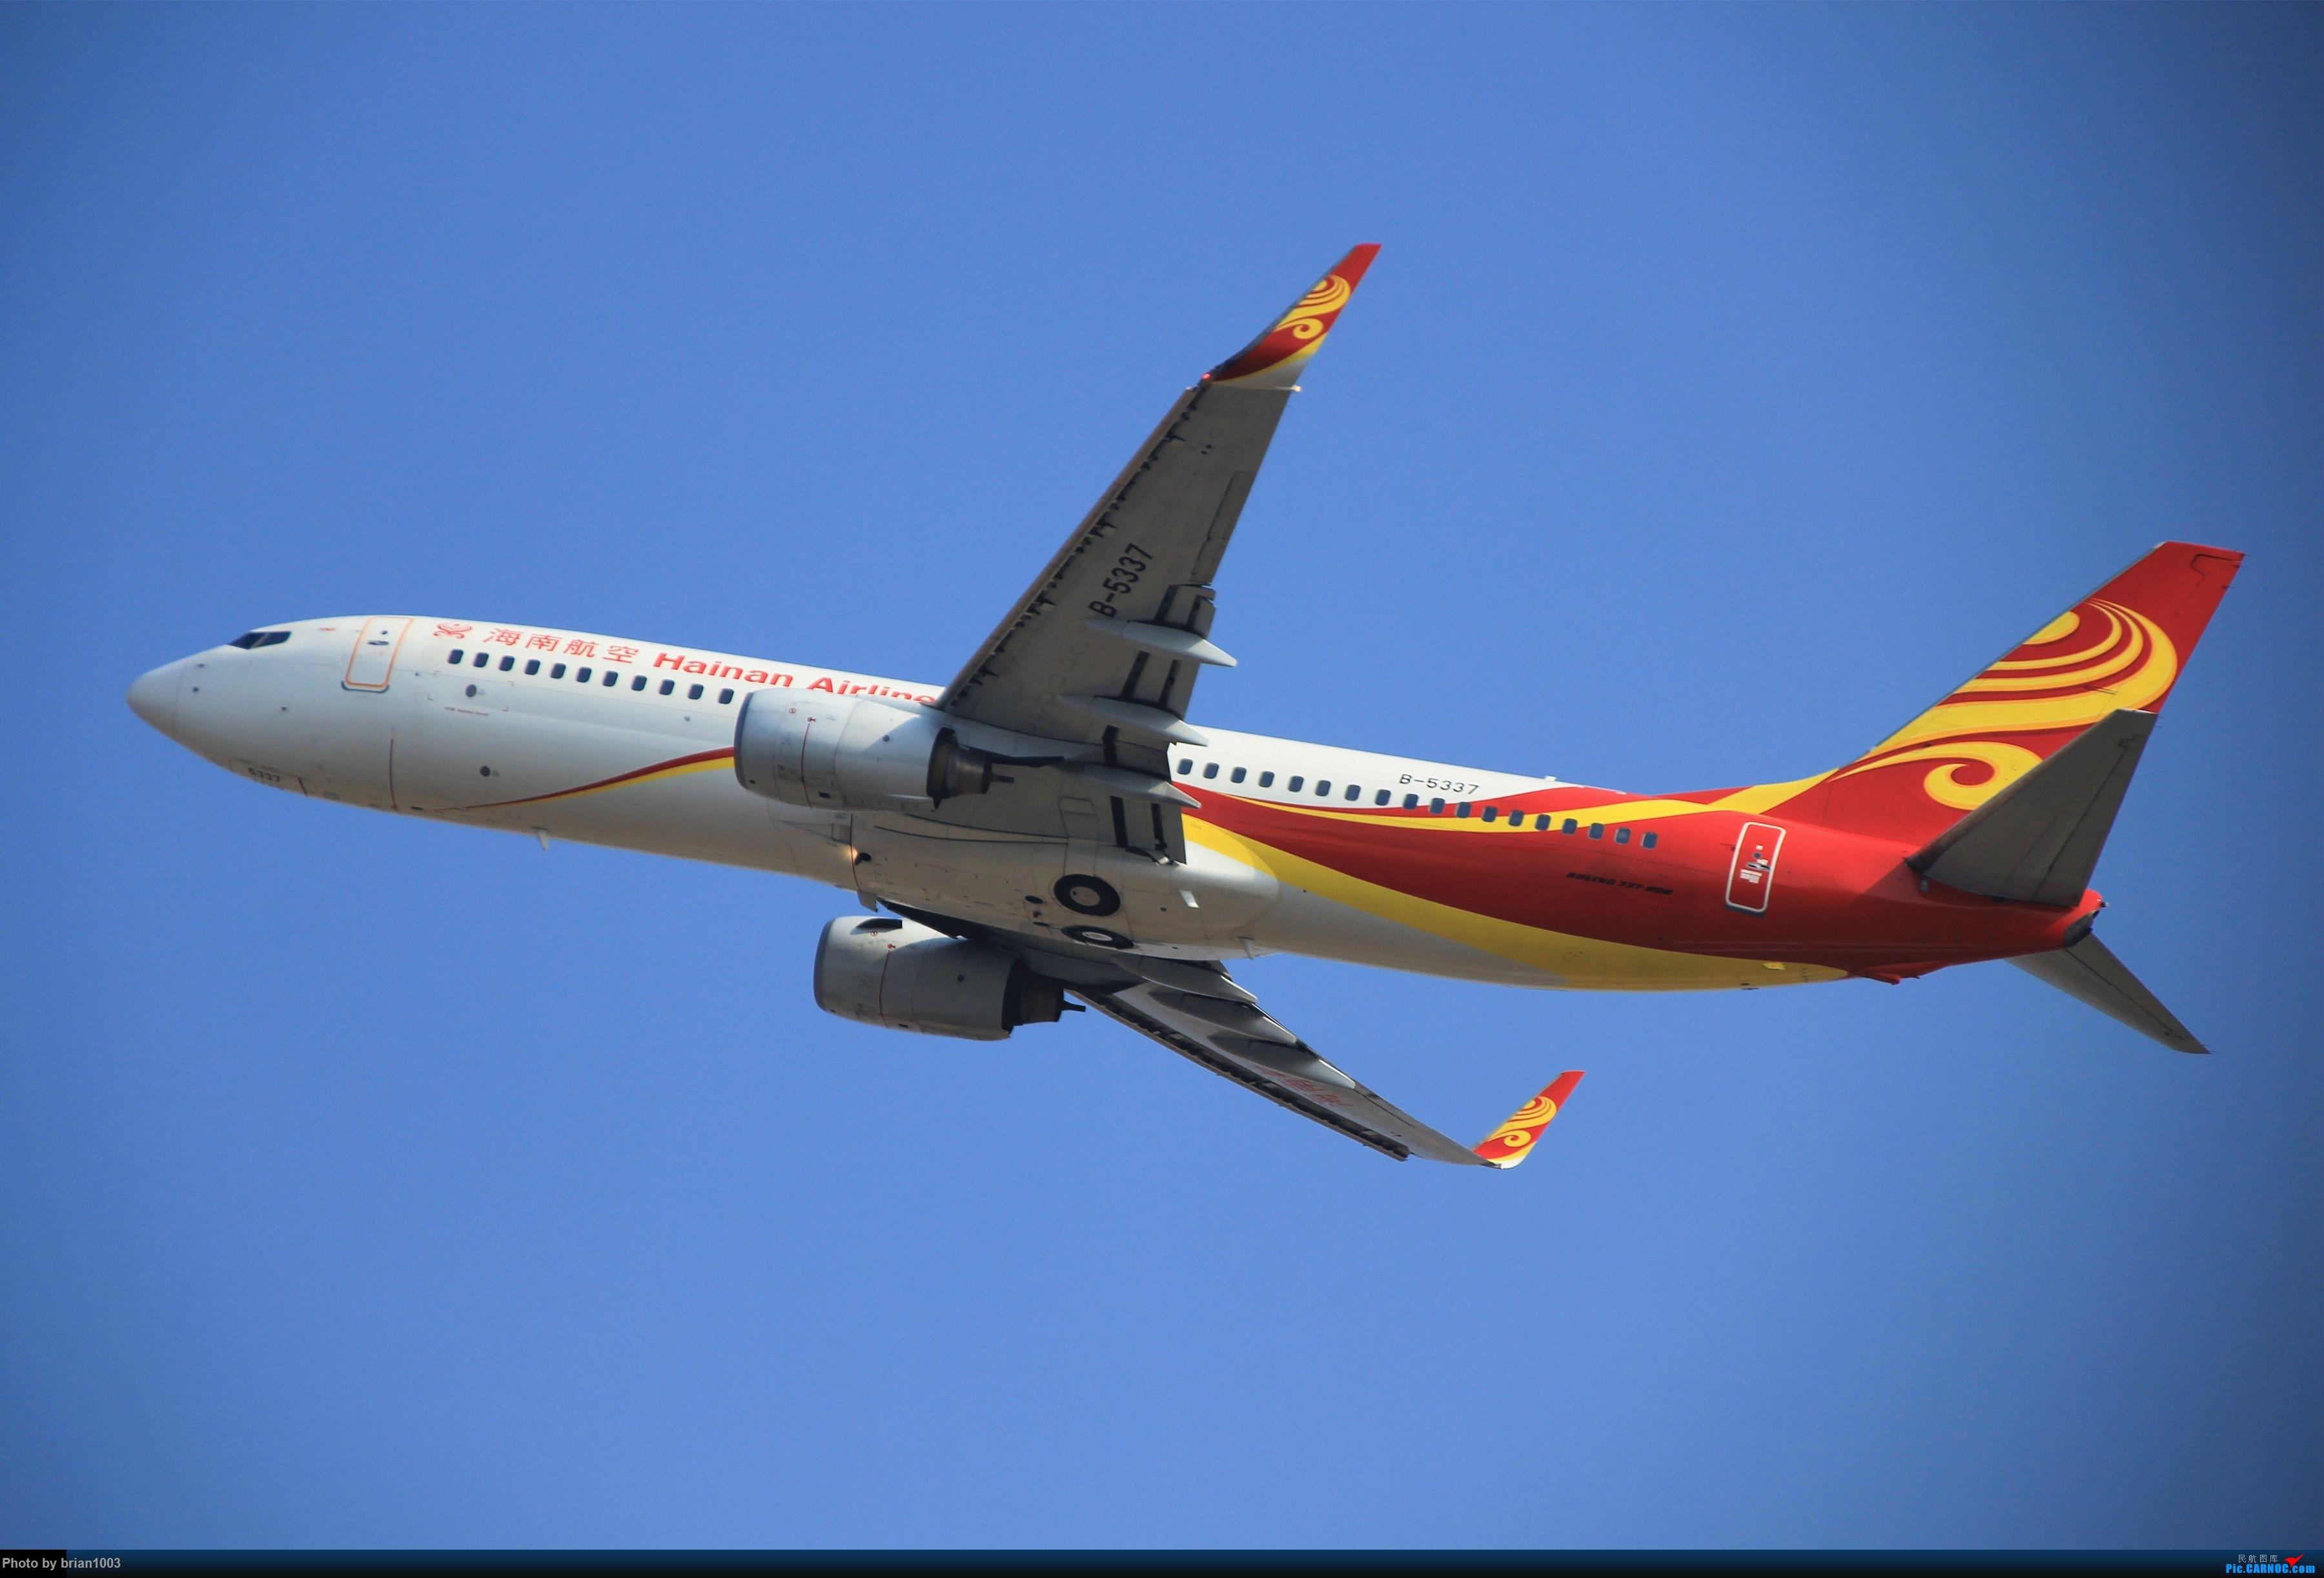 Re:[原创]WUH武汉天河机场拍机之精彩满满的十月(还可能更新) BOEING 737-800 B-5337 中国武汉天河国际机场